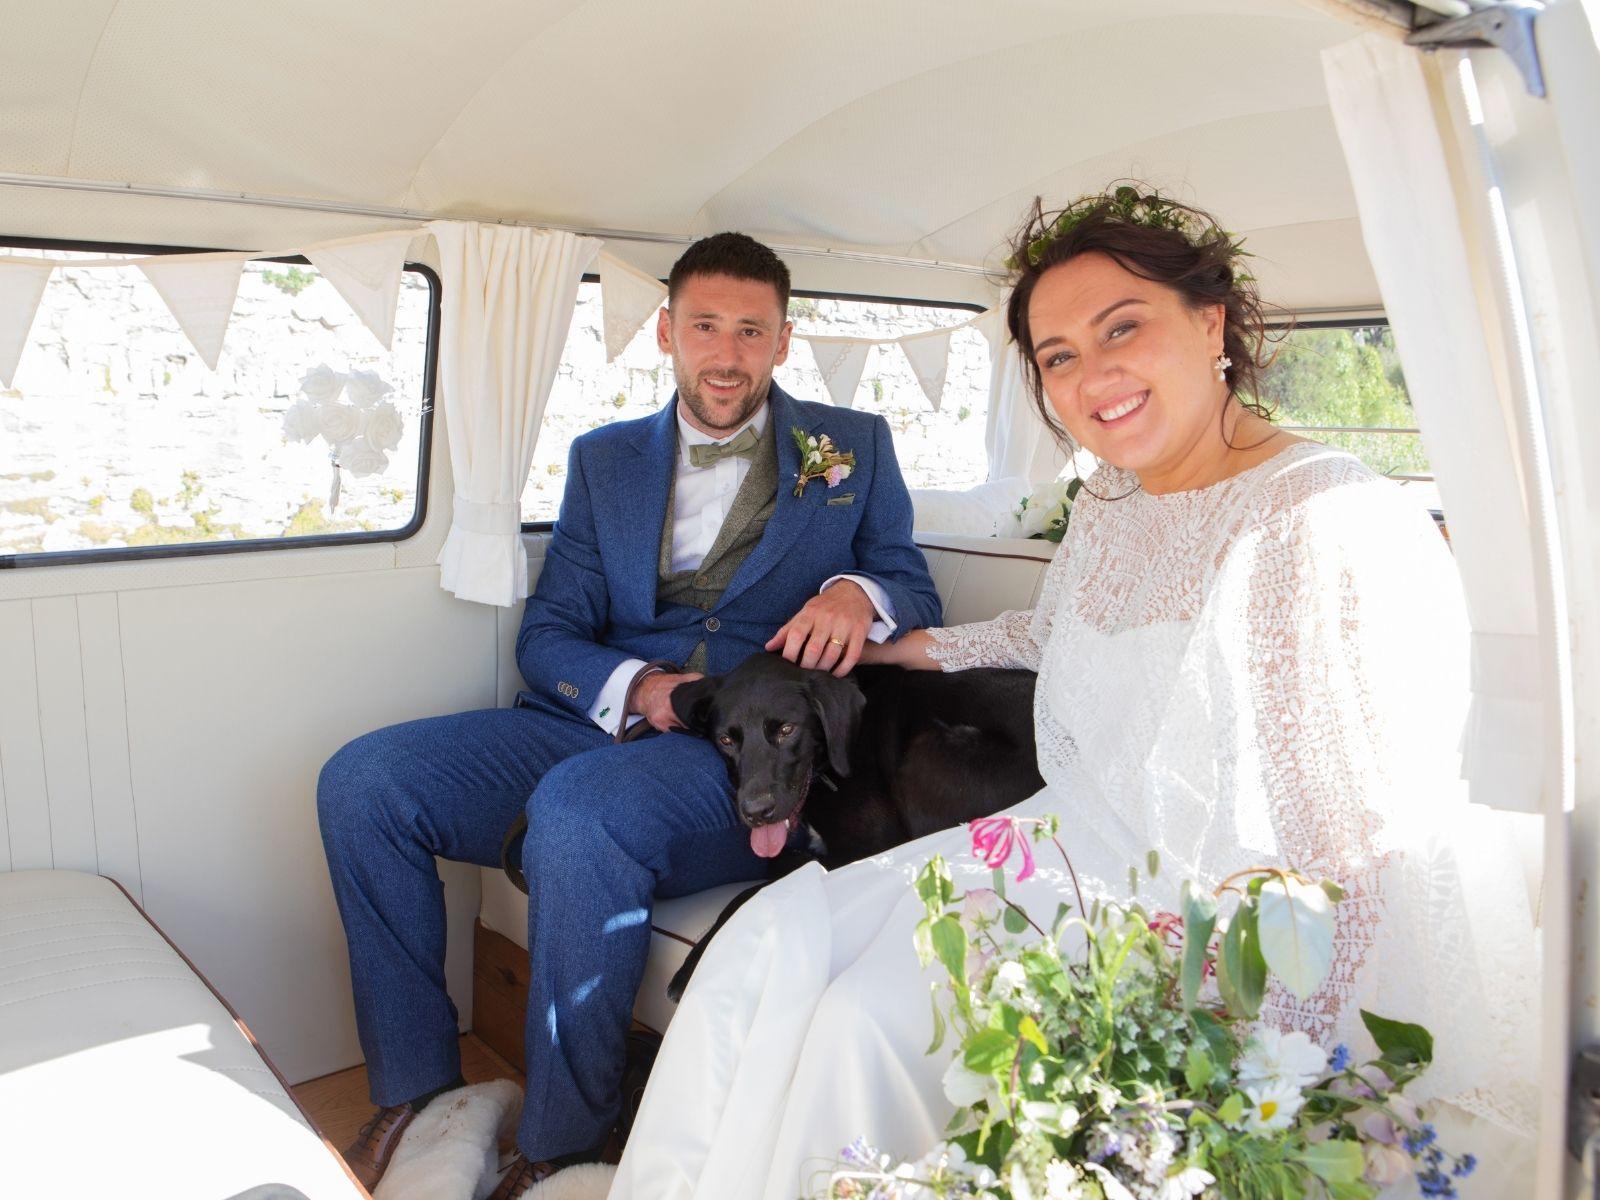 Bespoke handmade designer wedding dresses